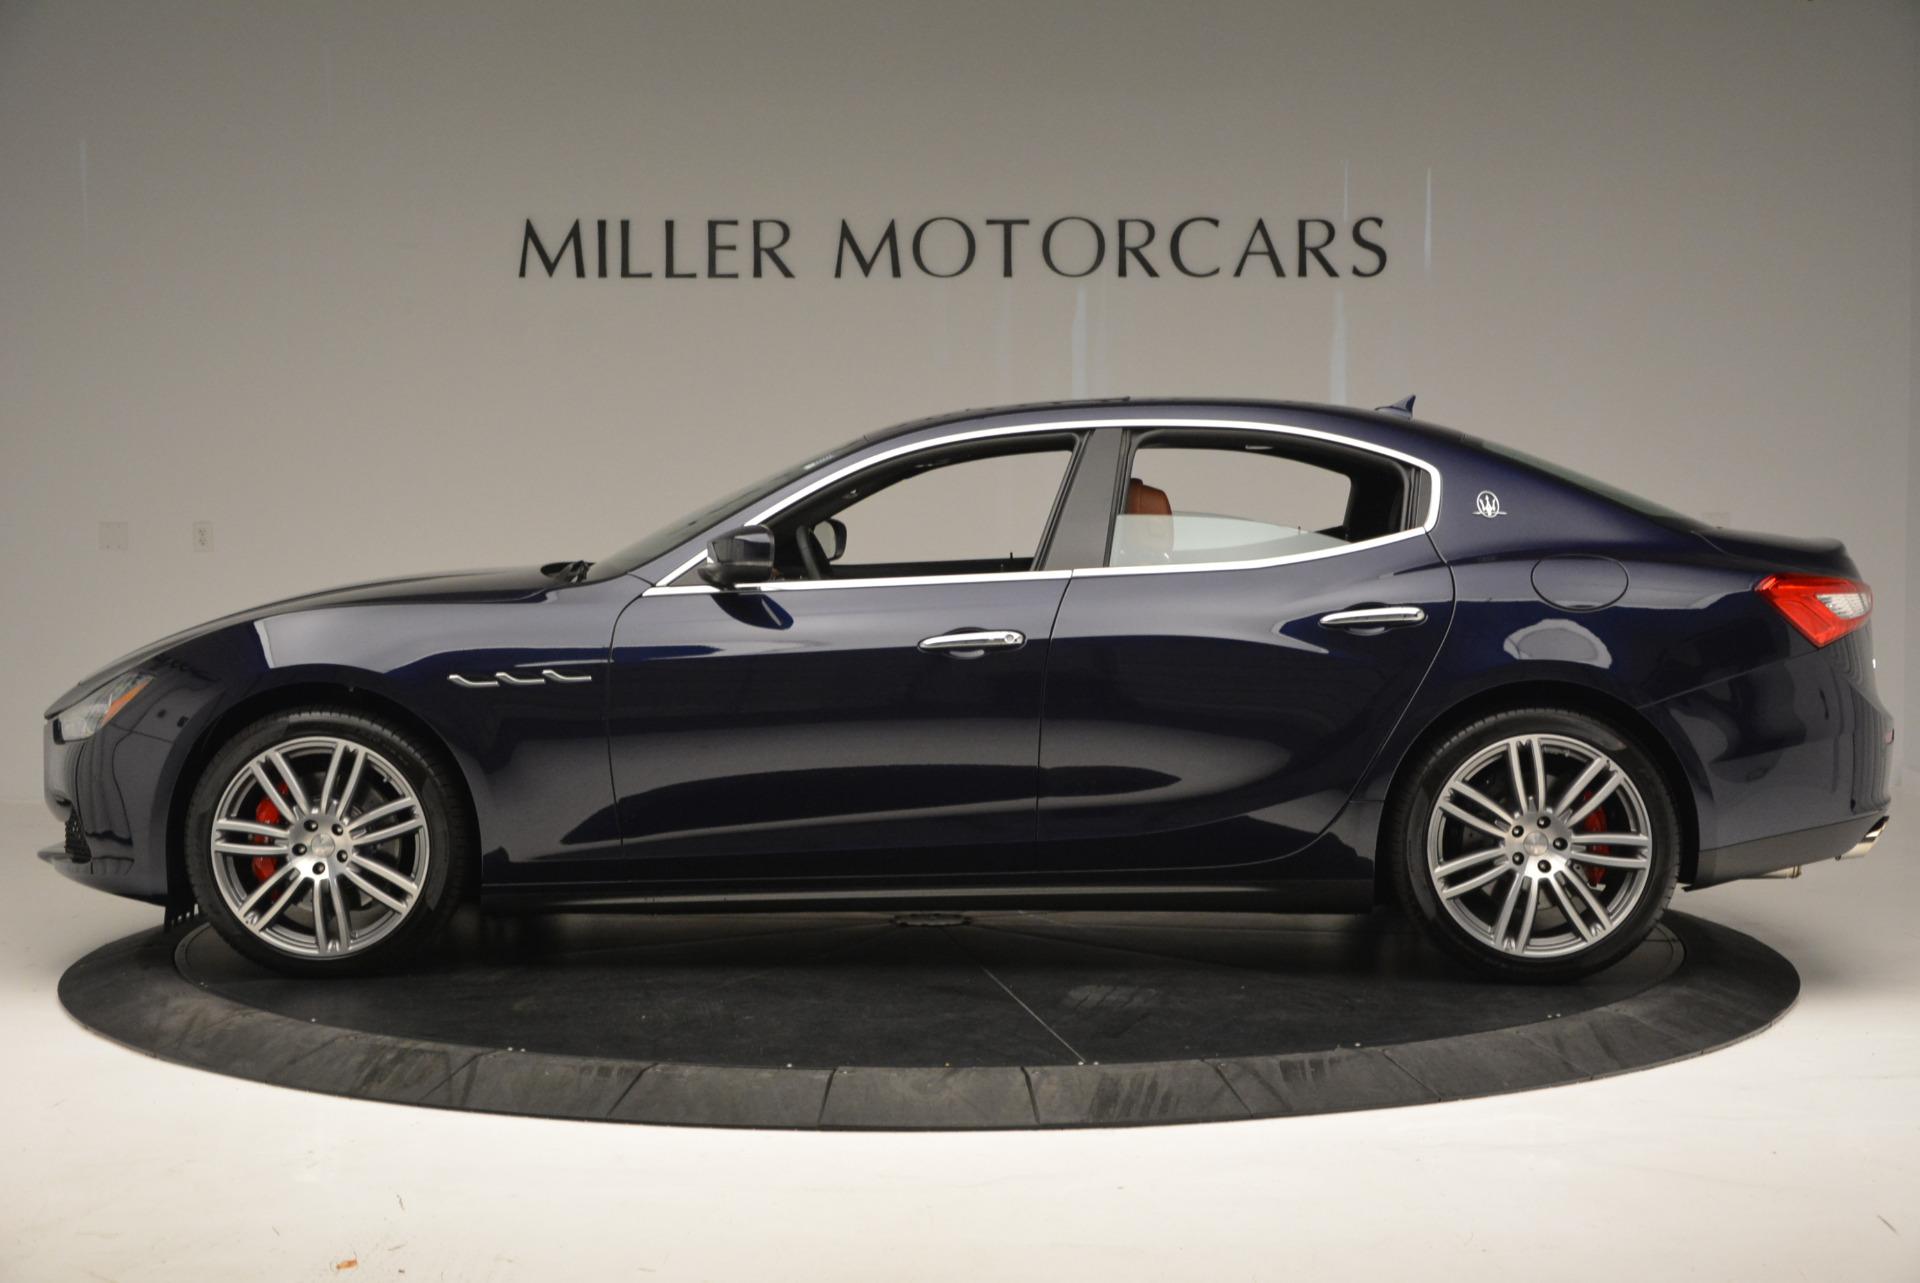 New 2017 Maserati Ghibli S Q4 For Sale In Greenwich, CT 571_p3